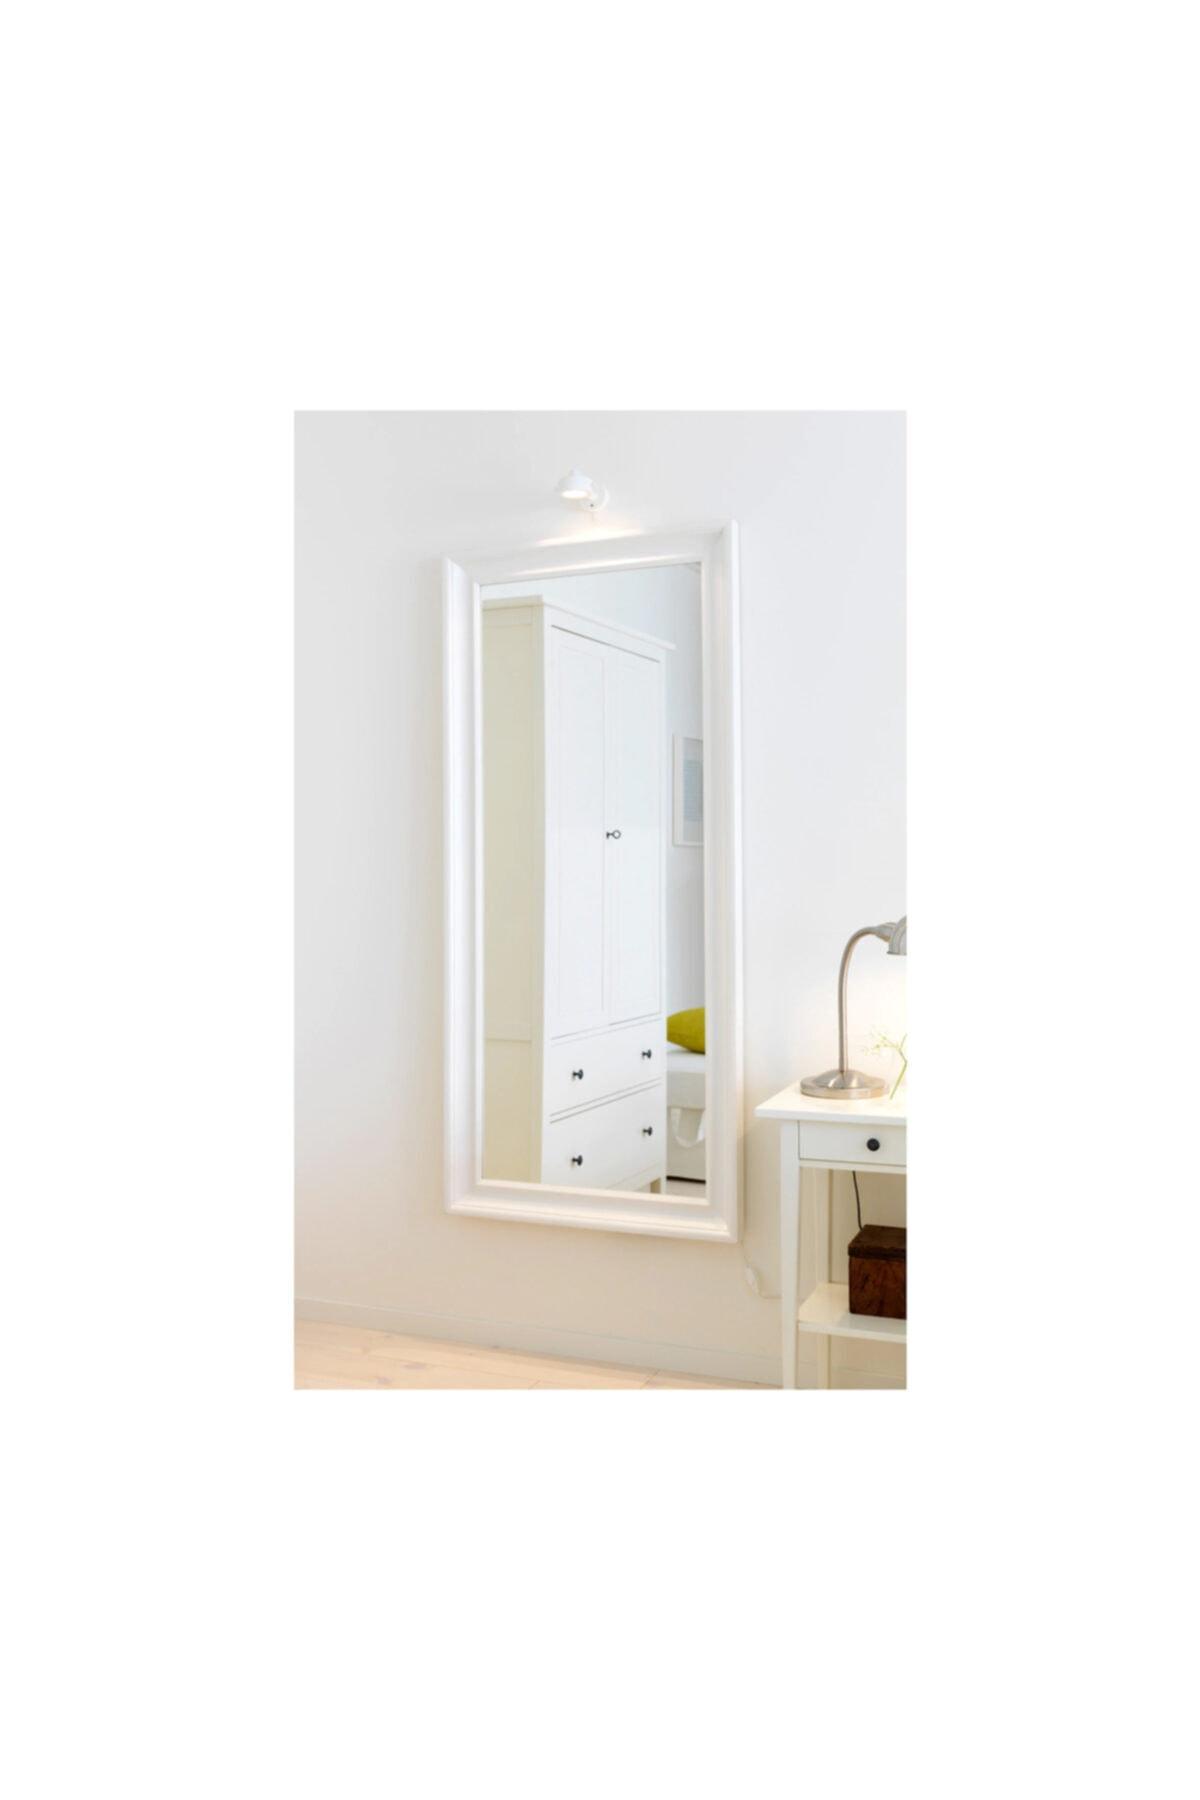 EVCAZIM Dekoratif Salon ofis Boy Aynası Düz Çerçeve Beyaz 50cm X 110cm 1